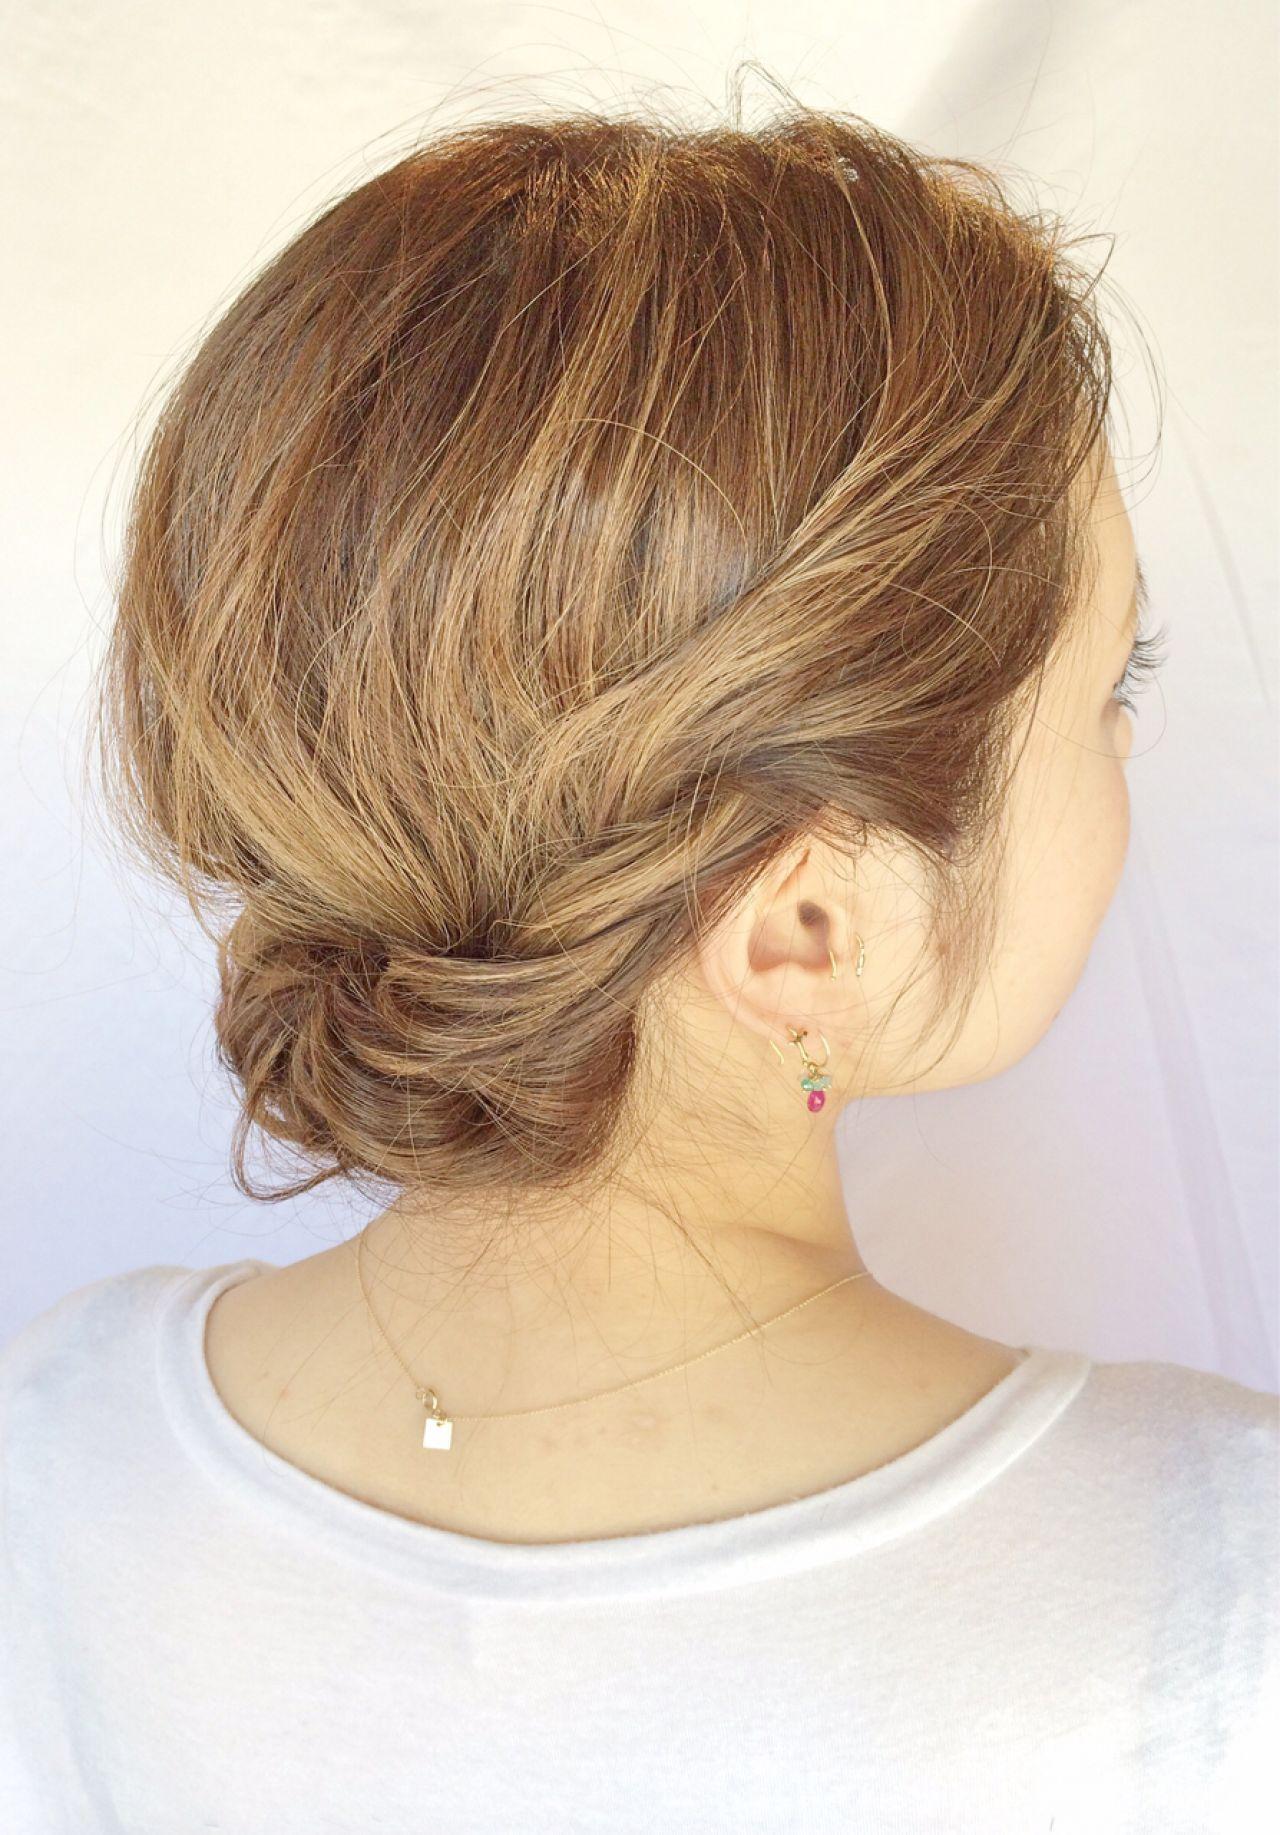 ナチュラル フェミニン 外国人風 ミディアム ヘアスタイルや髪型の写真・画像 | Sachiko Handa / assort